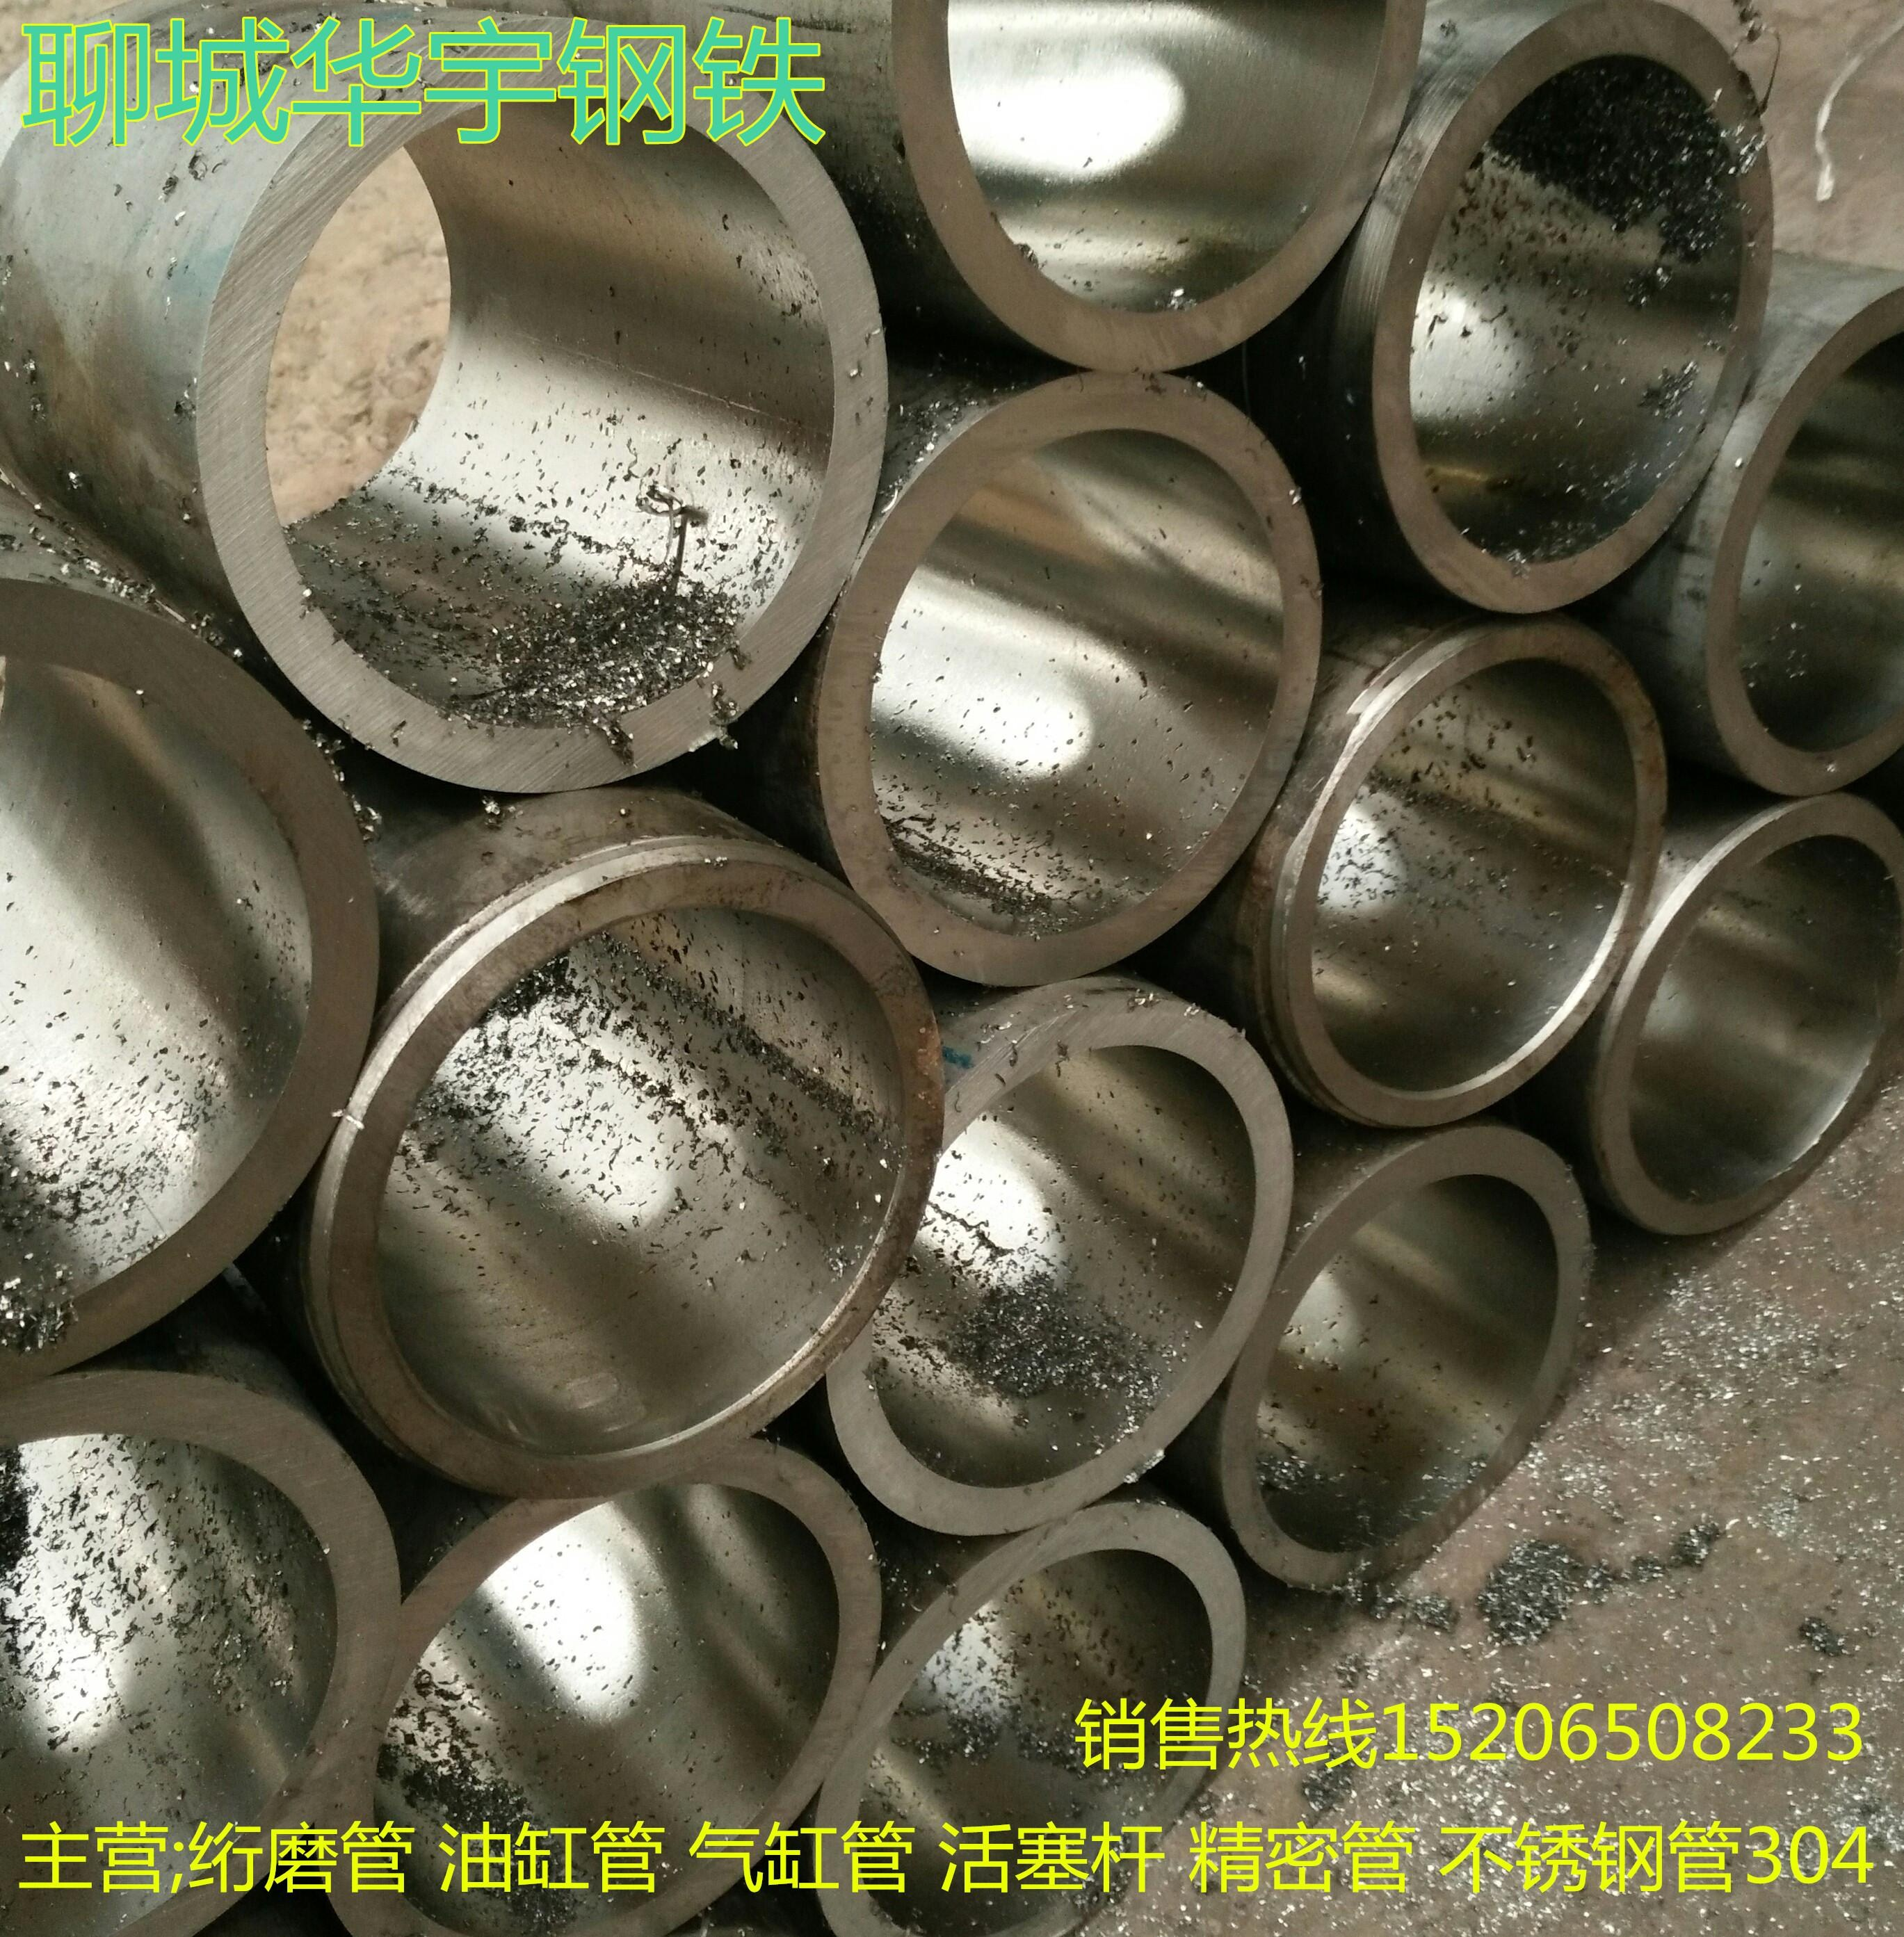 Hersteller maßgeschneiderte Edelstahl - schleifen - Hydraulik - zylinder - zylinder - kolben vergüteten Stählen (Rohr